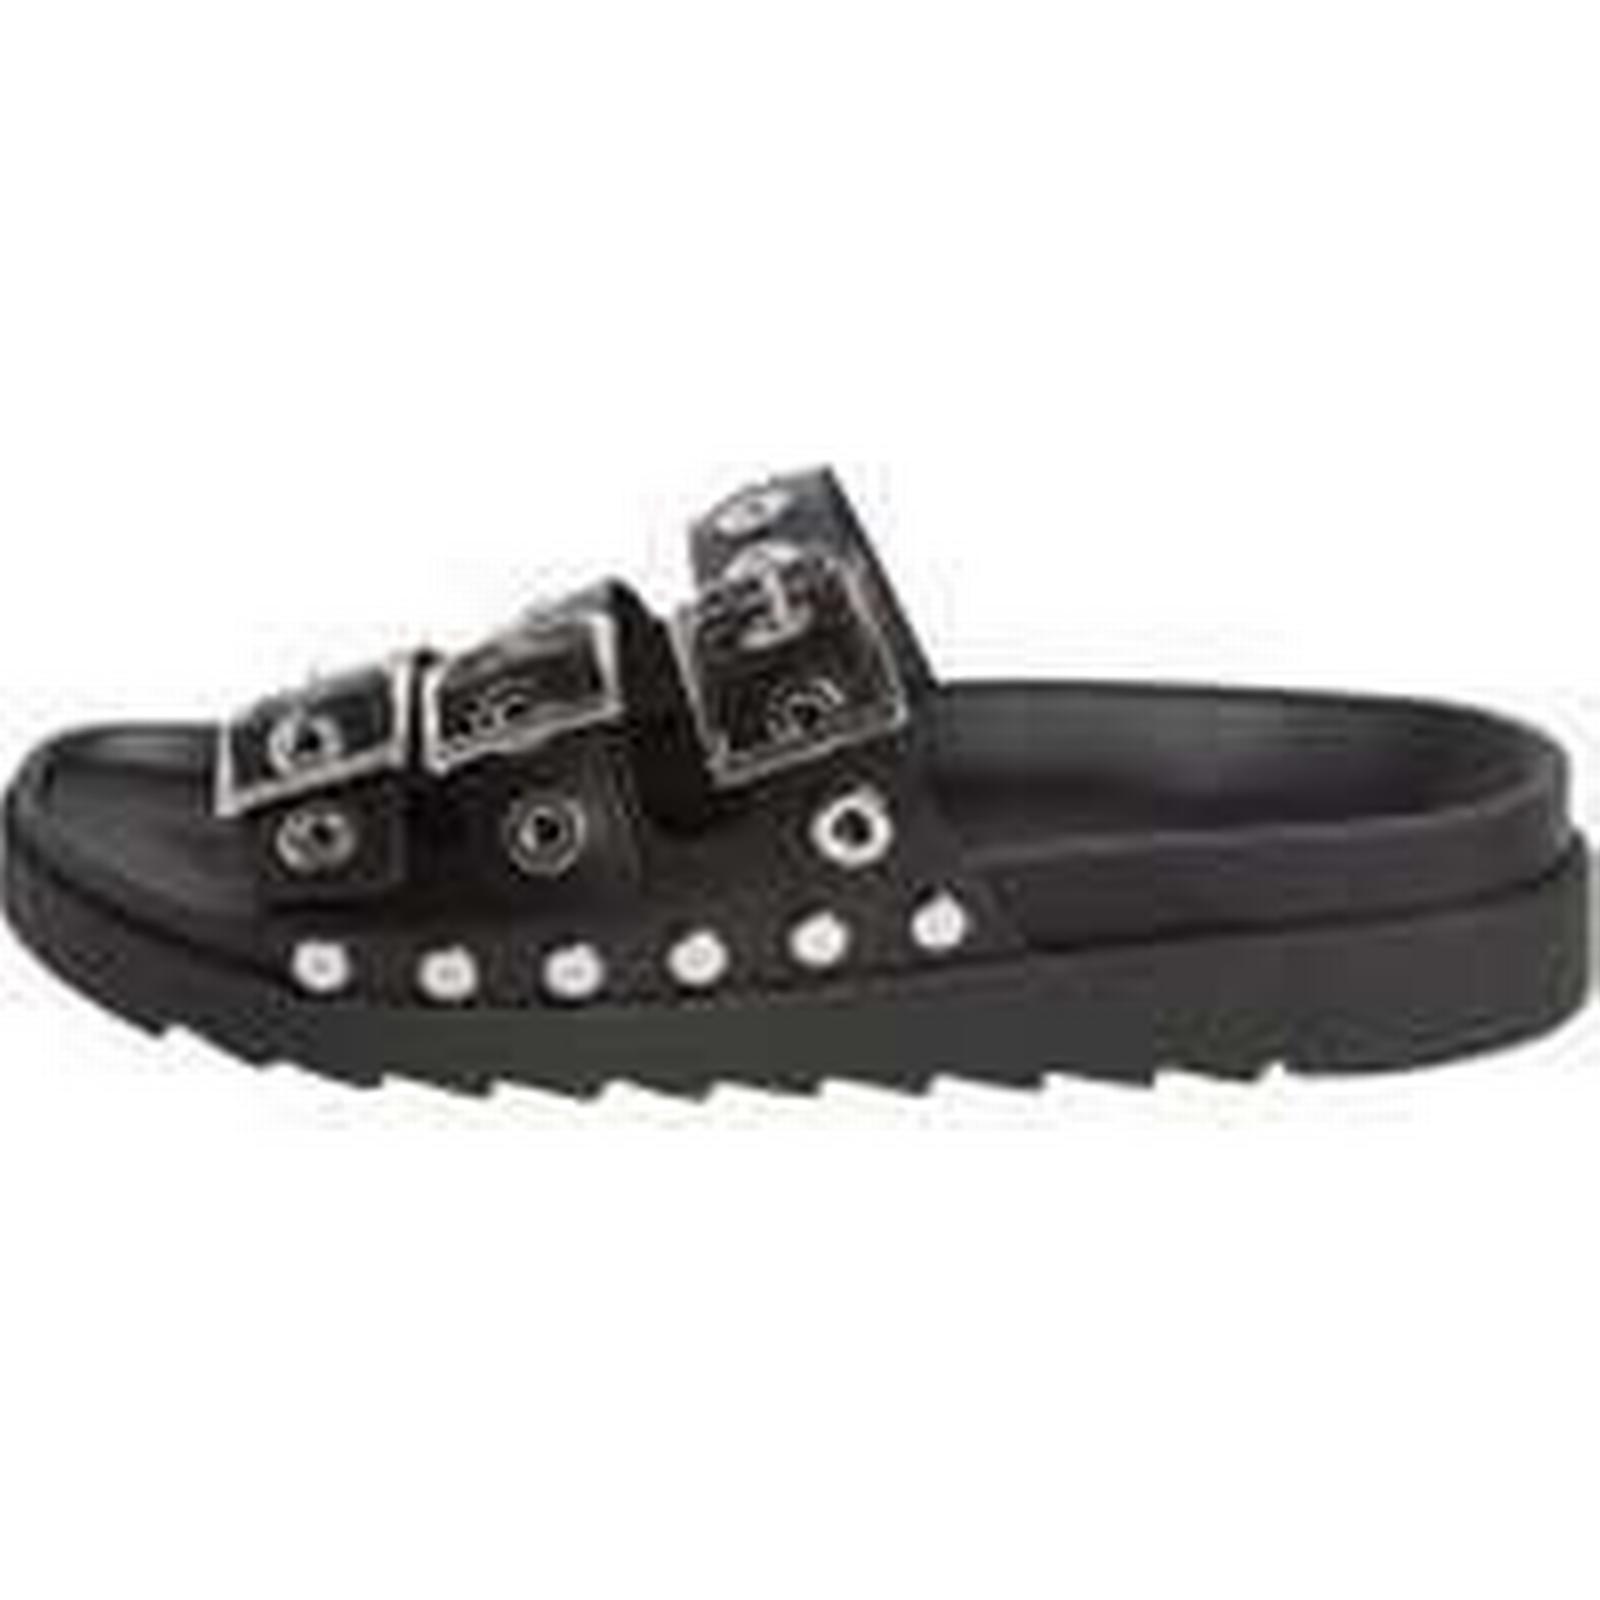 PIECES Leather Leather PIECES Sandals Women Black (37) 0e425e